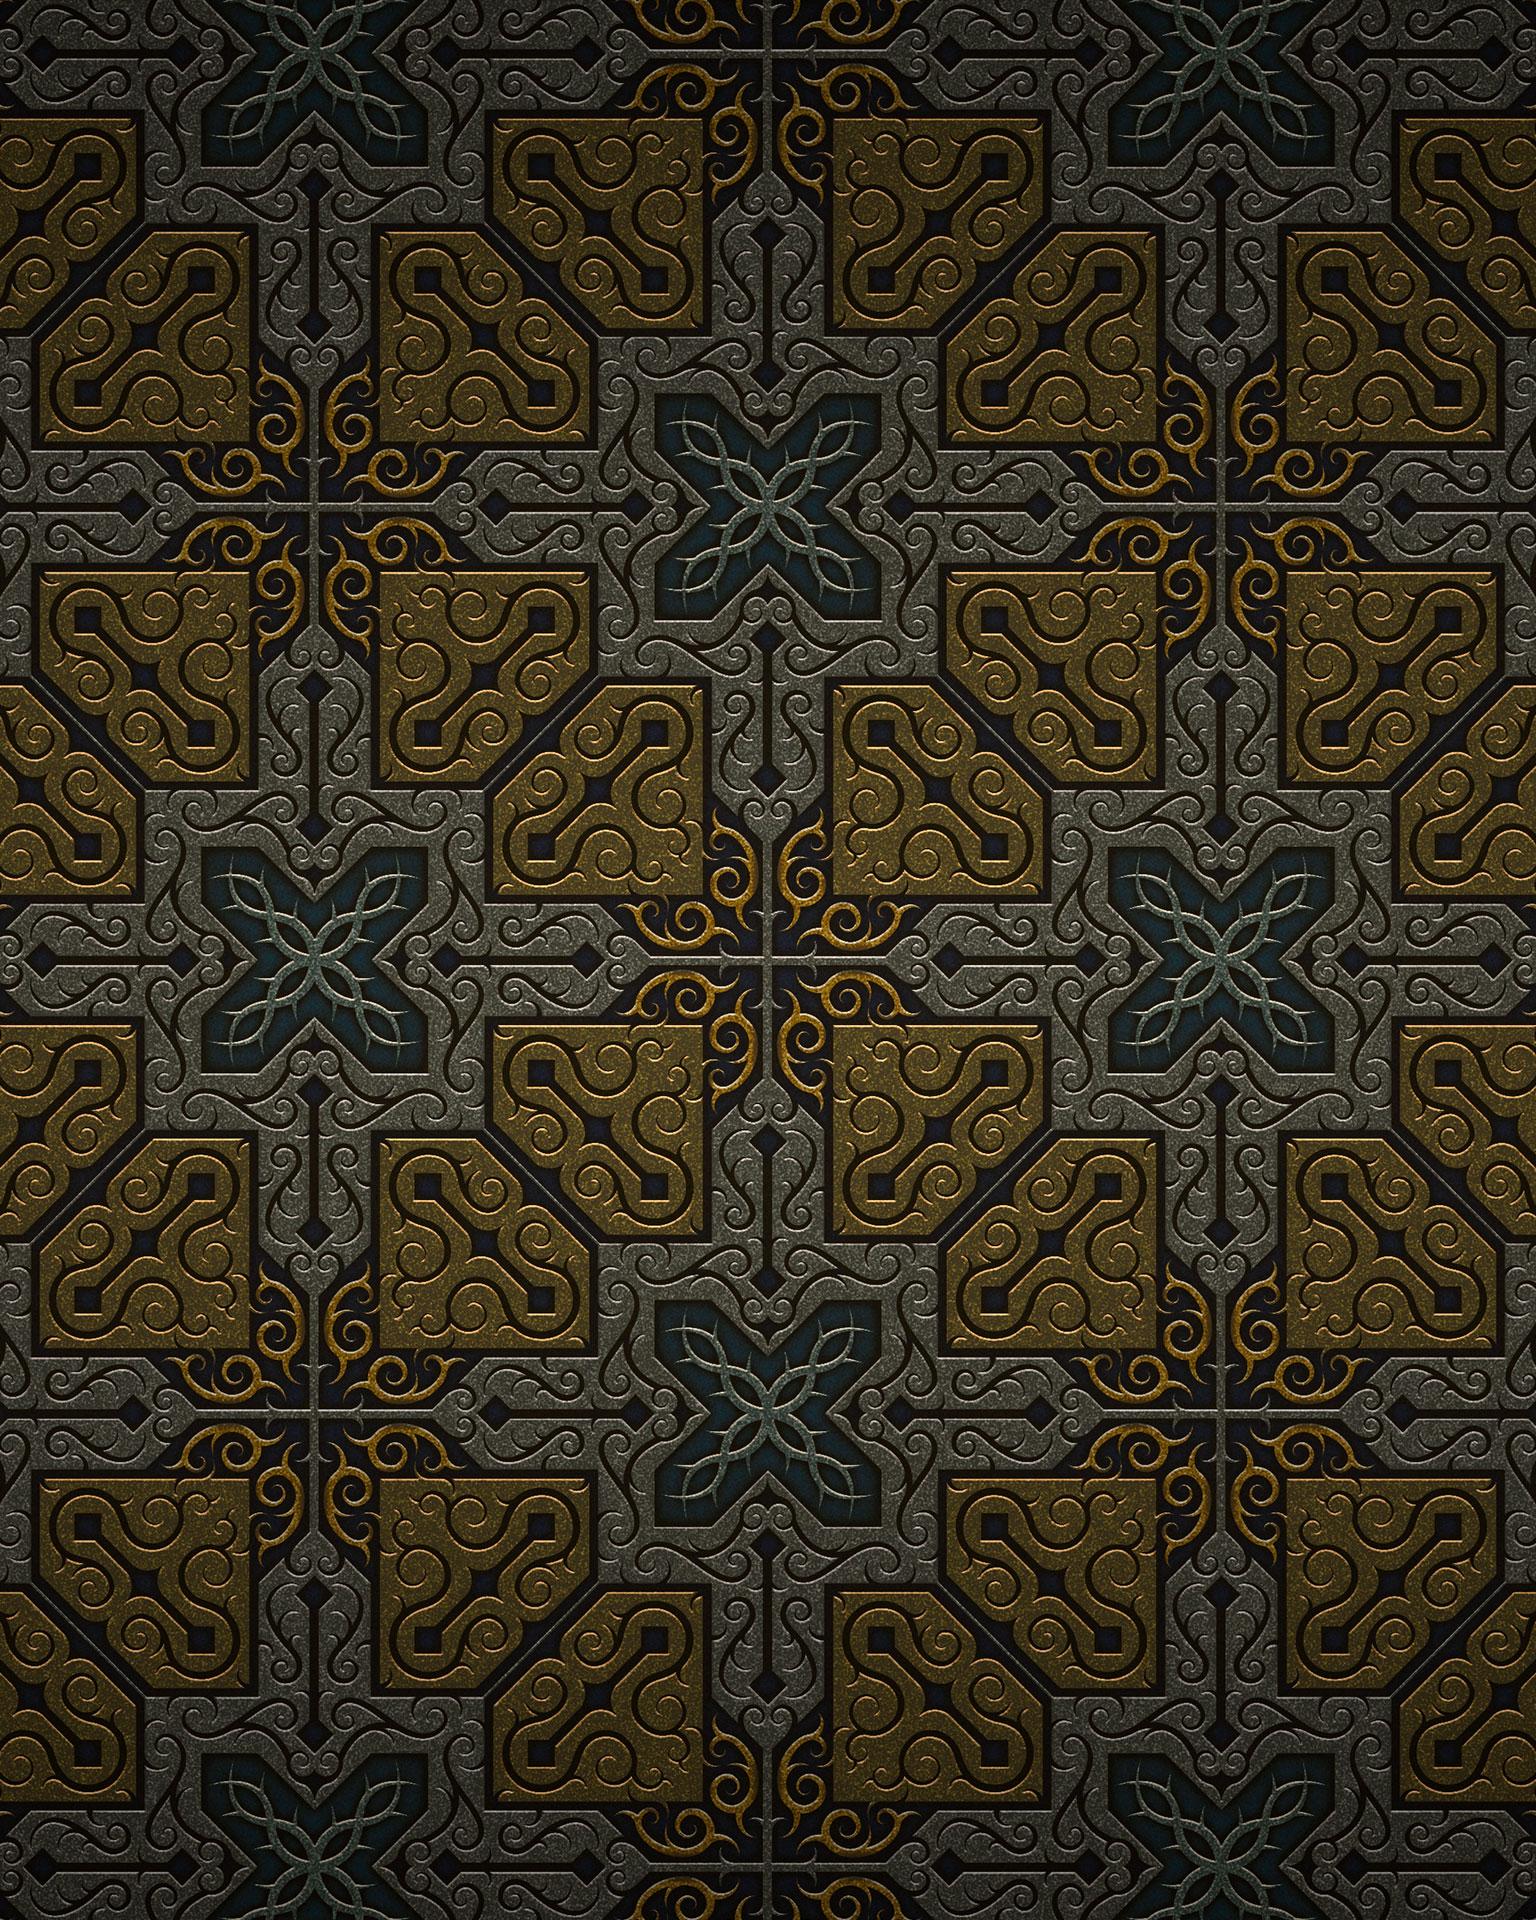 pattern-sacro1b.jpg